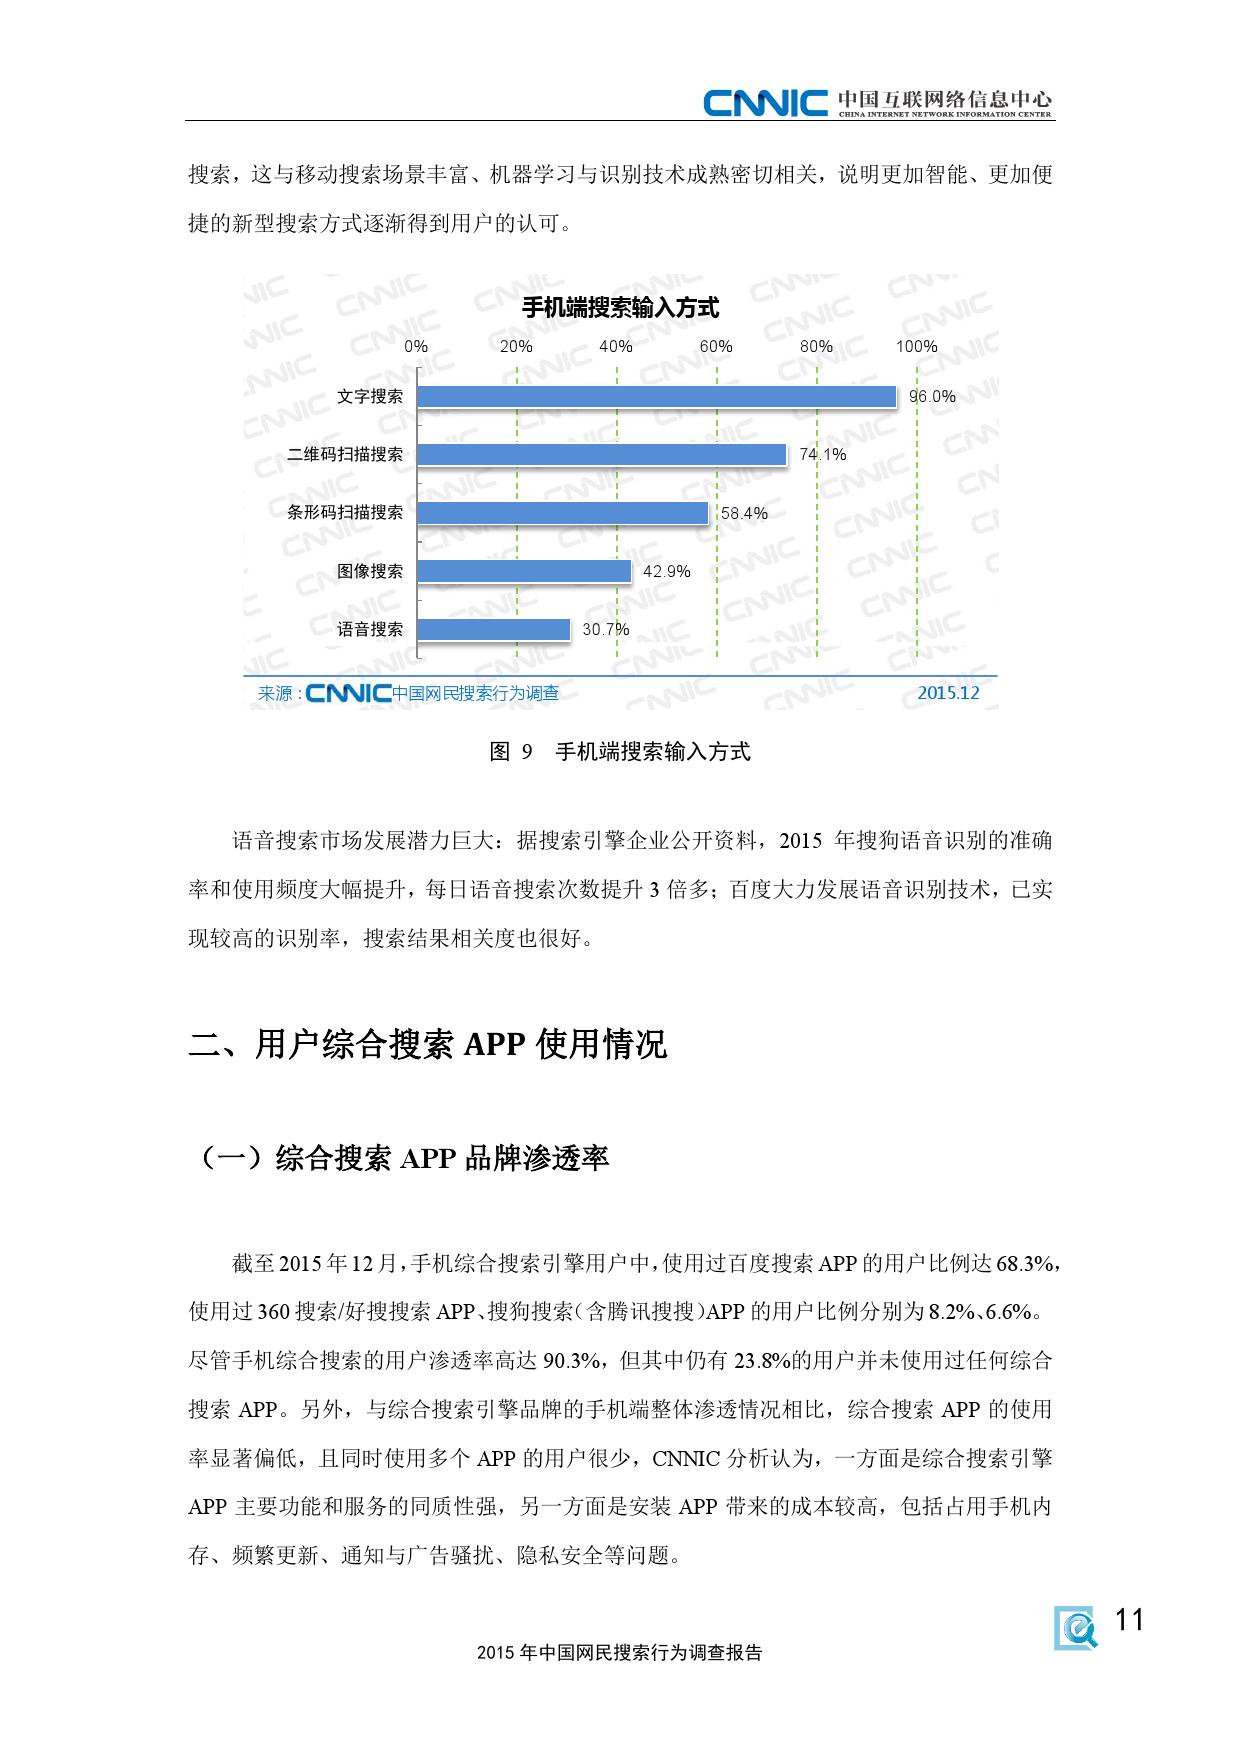 CNNIC:2015年中国网民搜索行为调查_000019